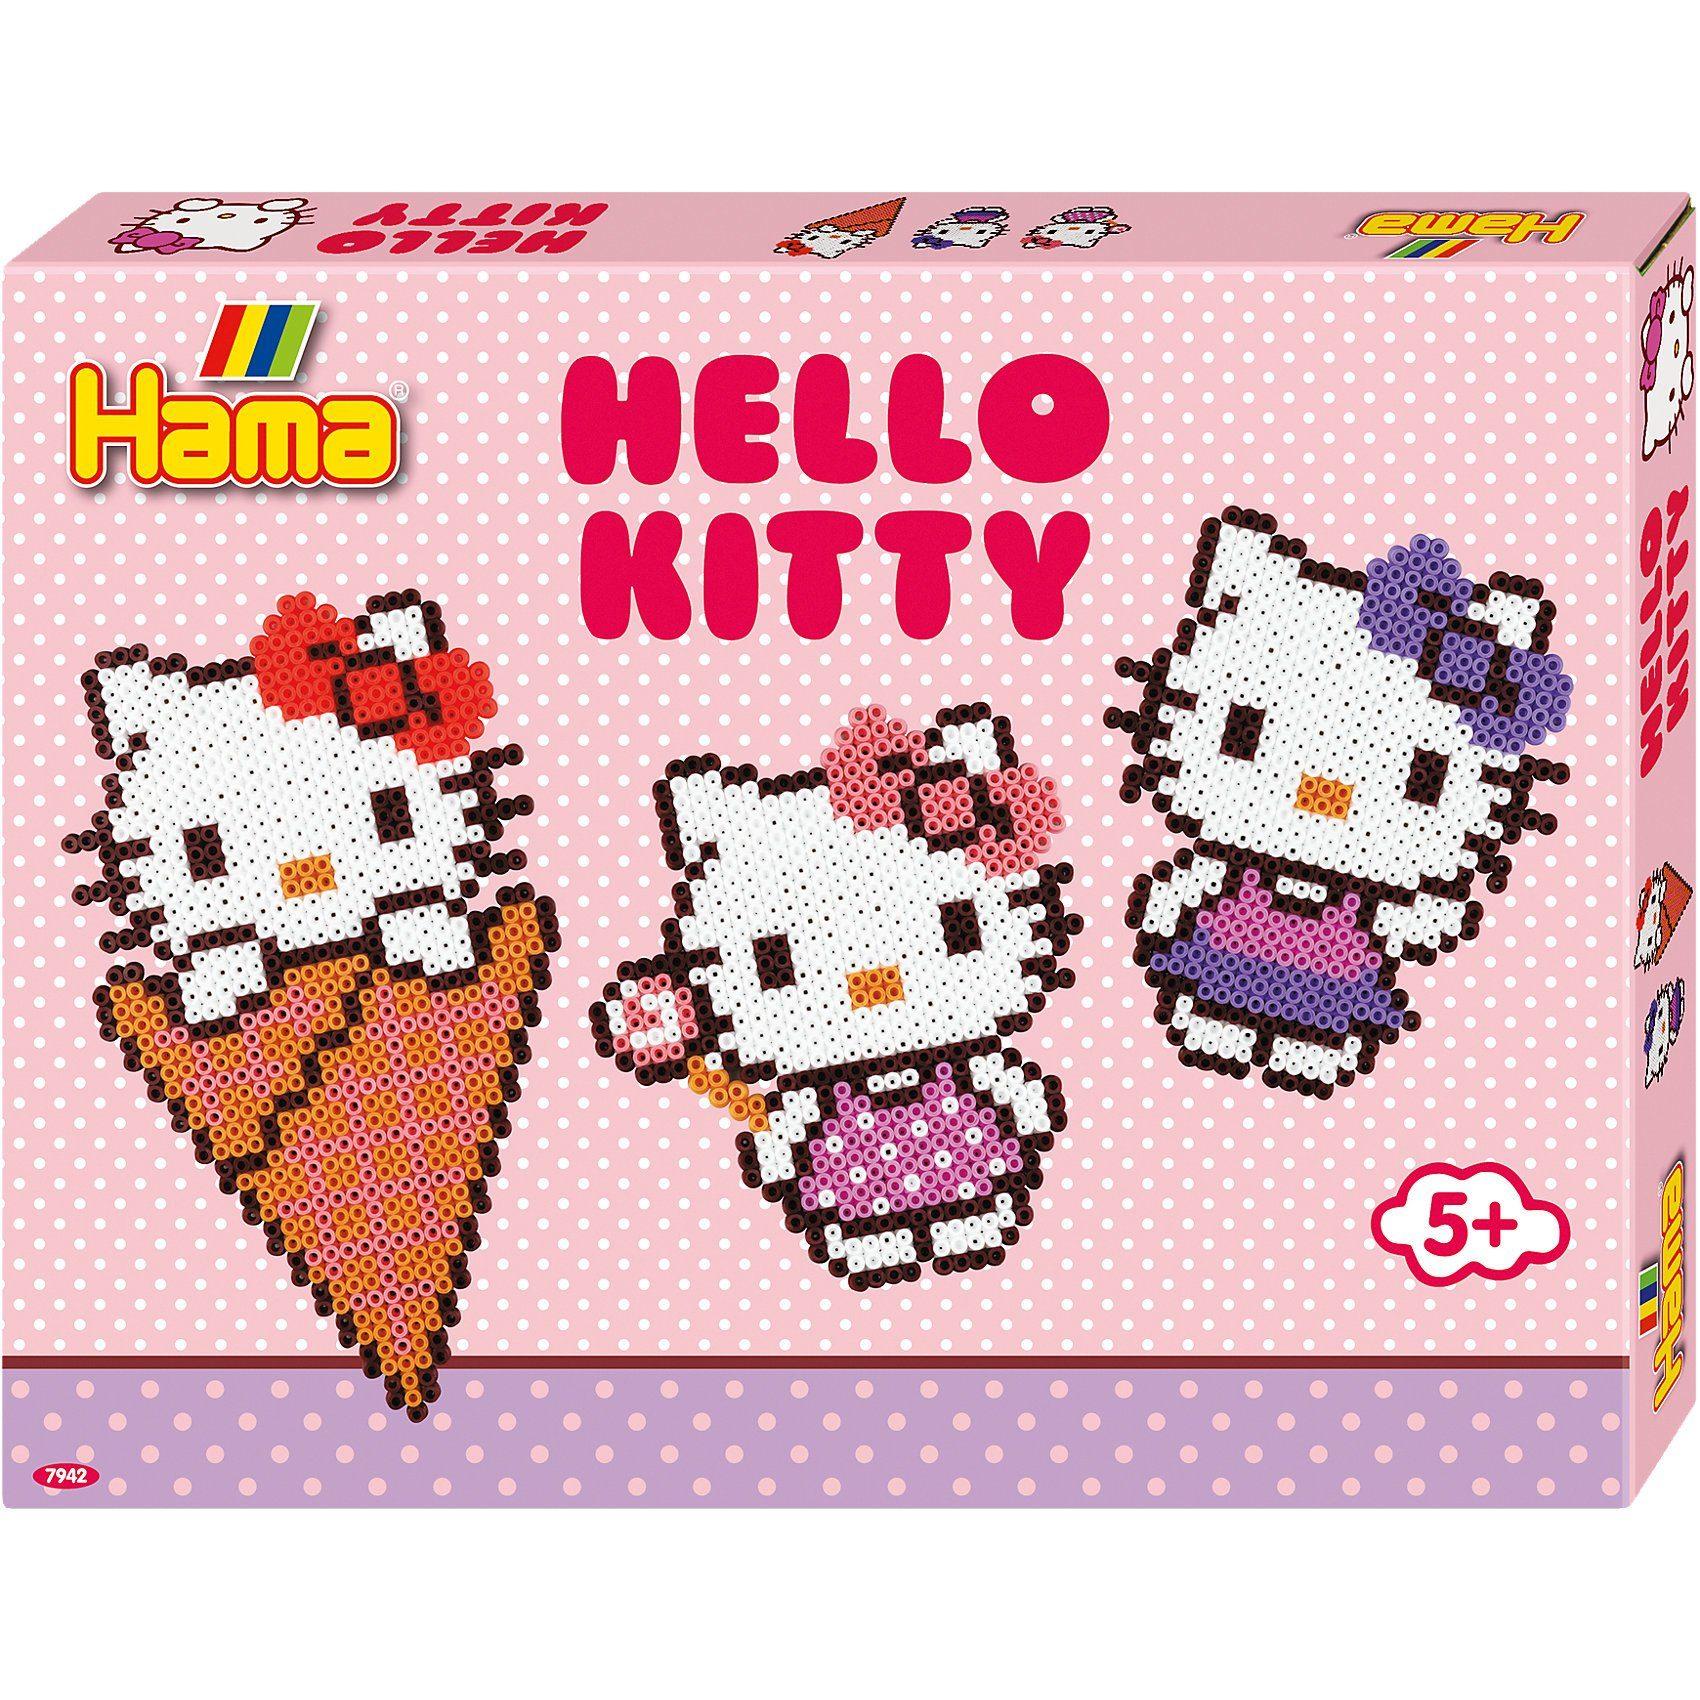 Hama Perlen HAMA 7942 Geschenkset Helly Kitty, 4.000 midi-Perlen & Zubeh